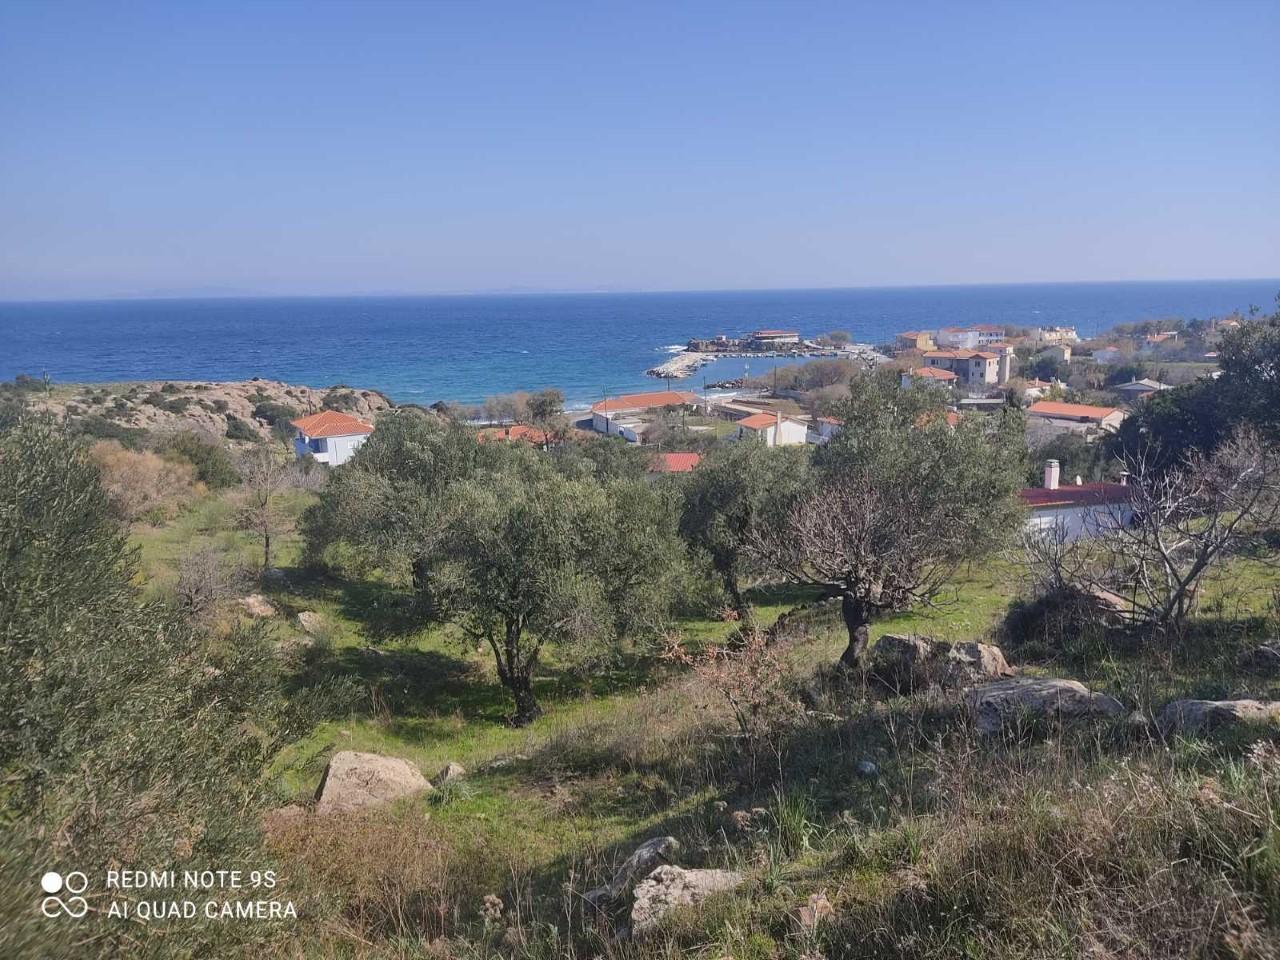 Grundstück am Meer in Lesbos 1890 qm erschlossen